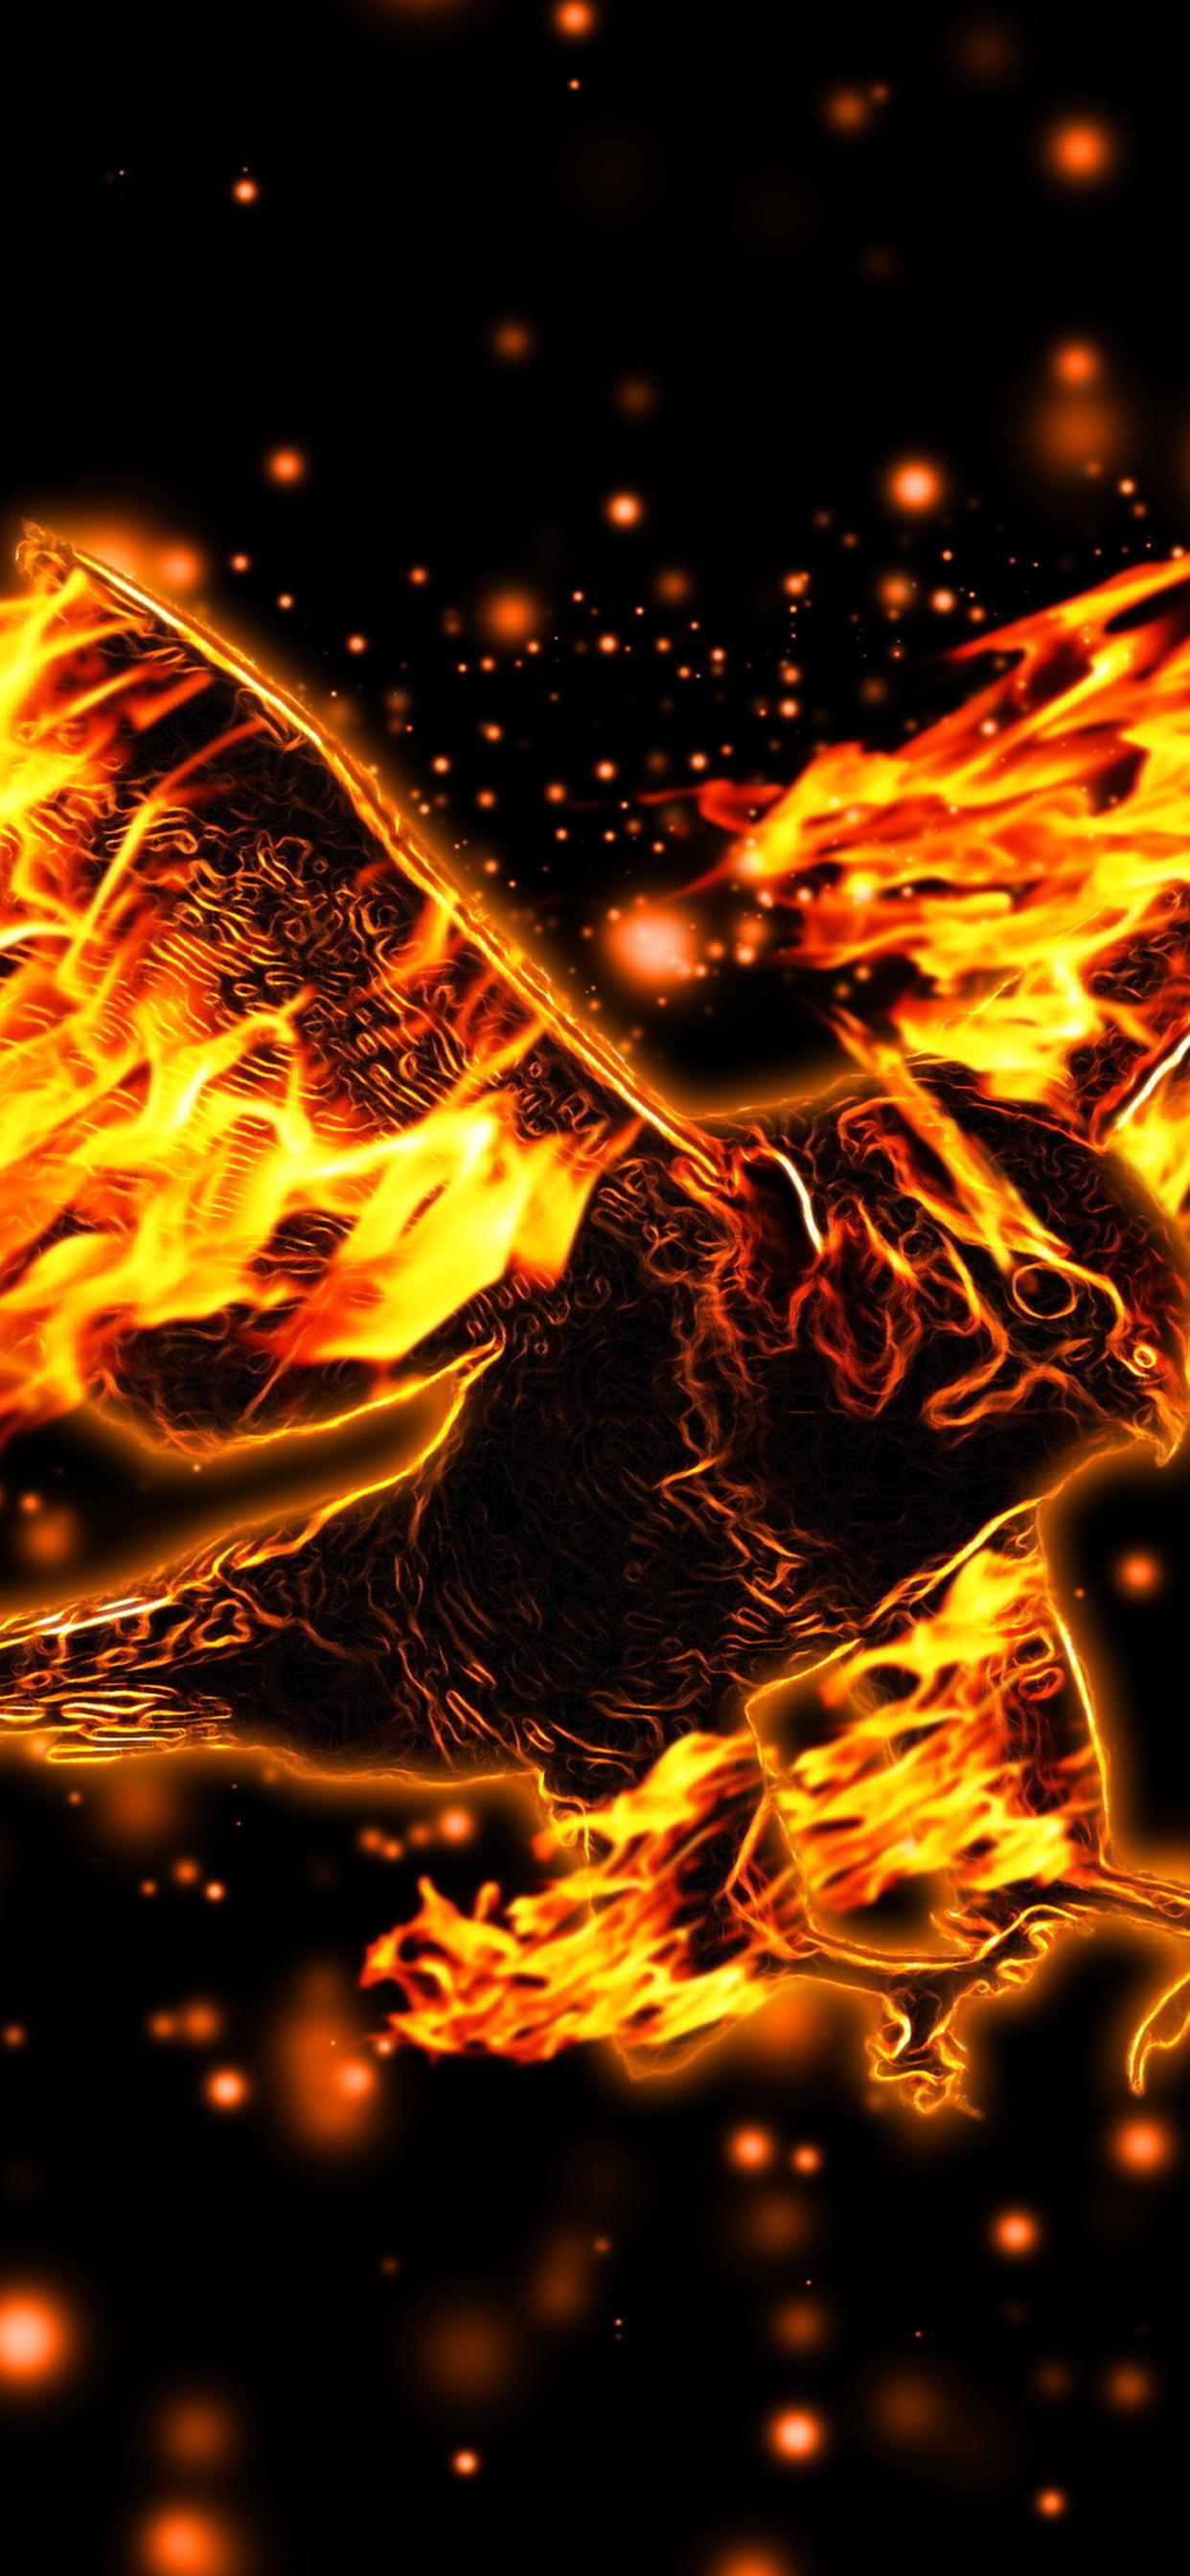 Fire Eagle Abstract Eagle Wallpaper